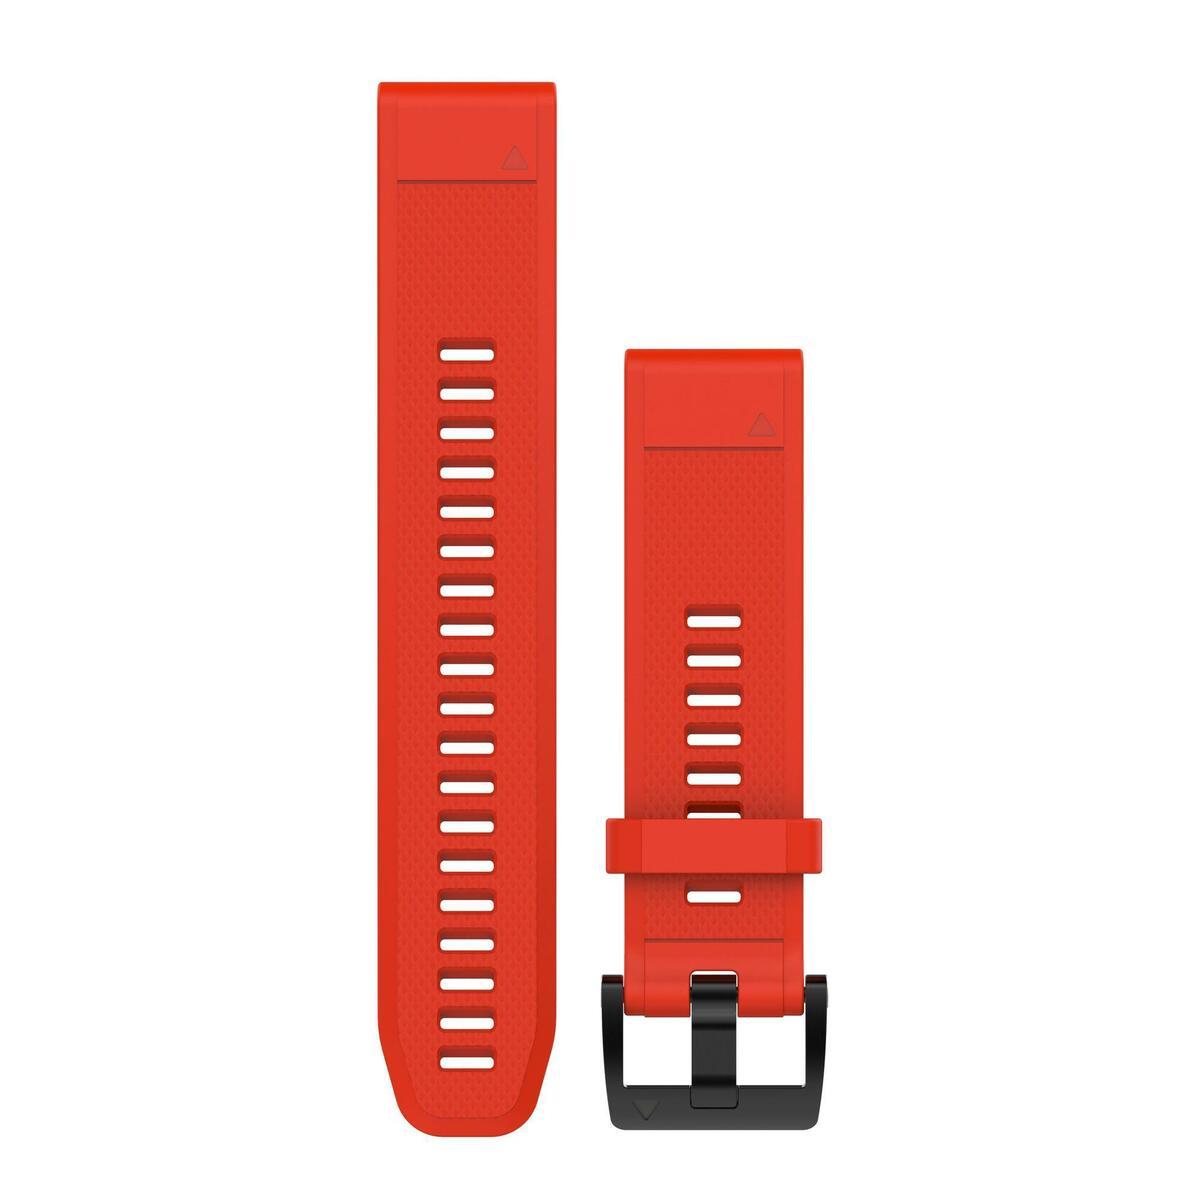 Bild 1 von Uhrenarmband für GPS-Uhr Fenix 5 rot Breite 22 mm